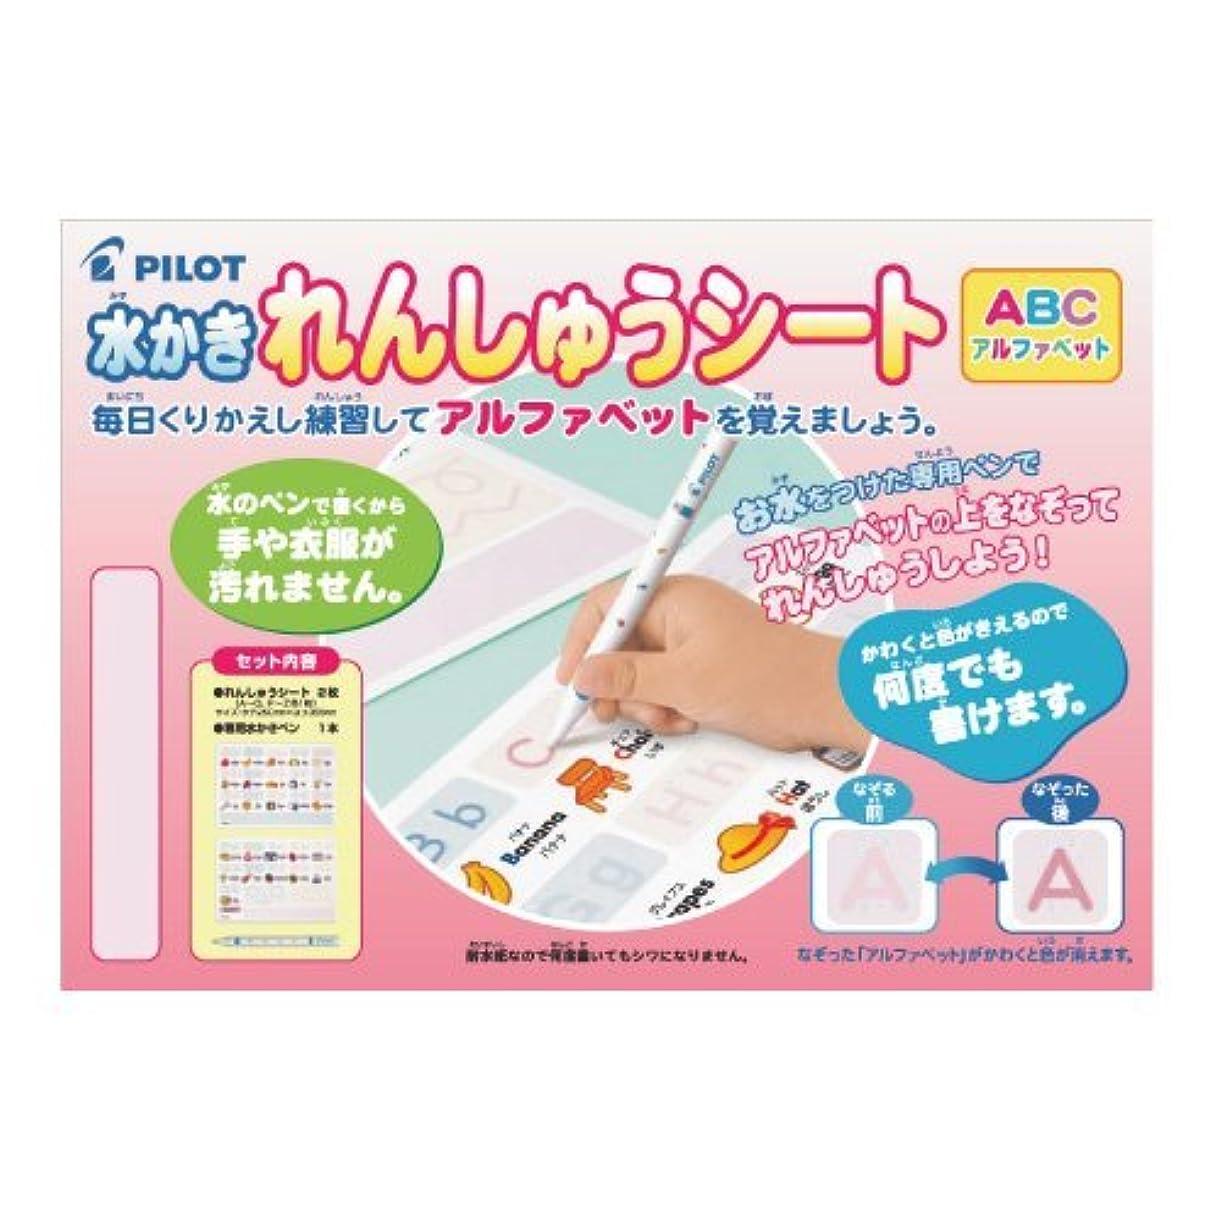 宮殿これまで主張するパイロット 水筆紙 お習字練習シート アルファベット MS-100P-04